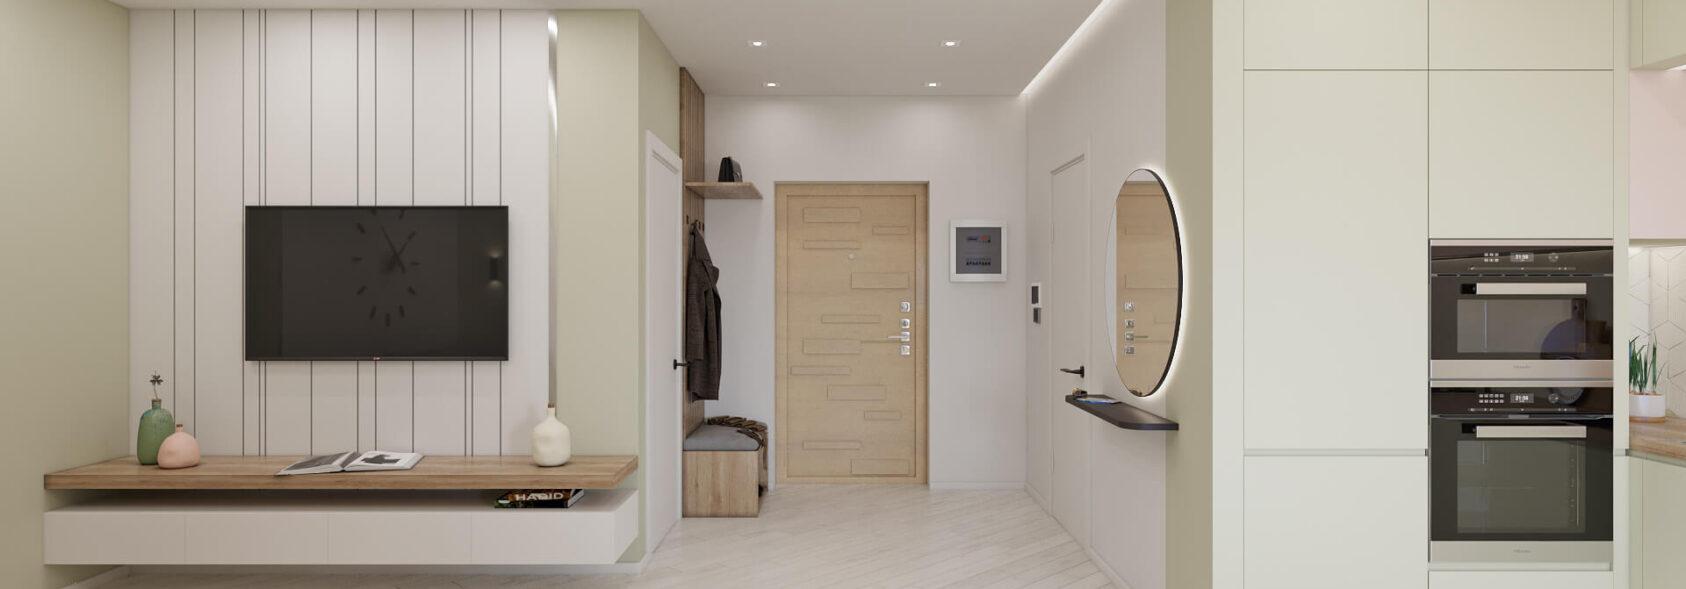 Дизайн квартиры под сдачу гостиная с кухней